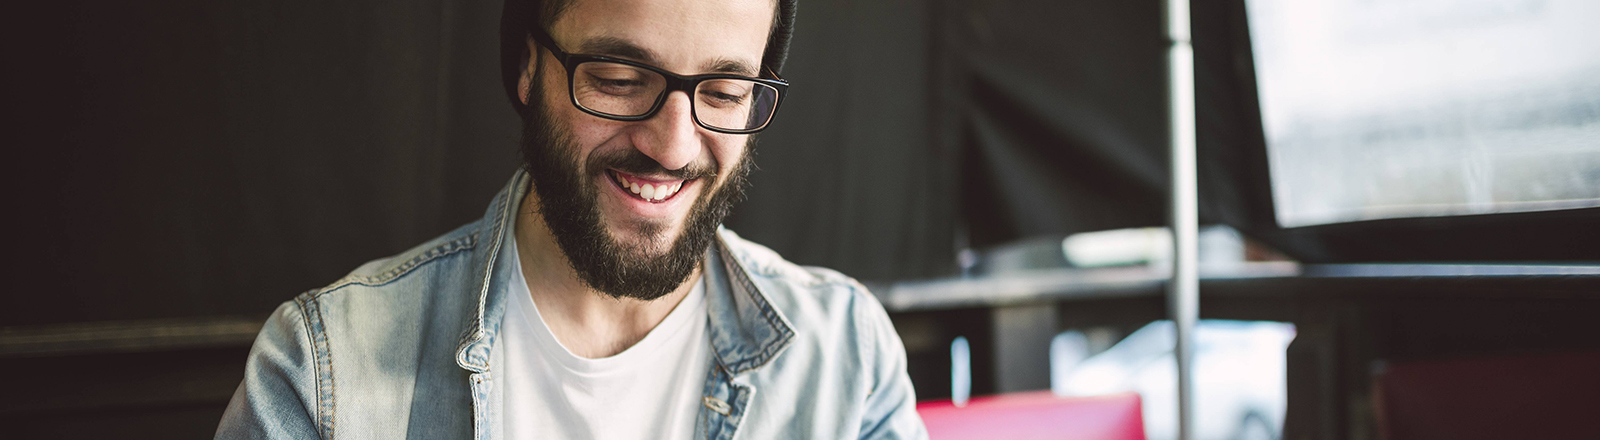 Ein Mann mit Brille und Mütze hält ein Tablet in der Hand und lächelt.